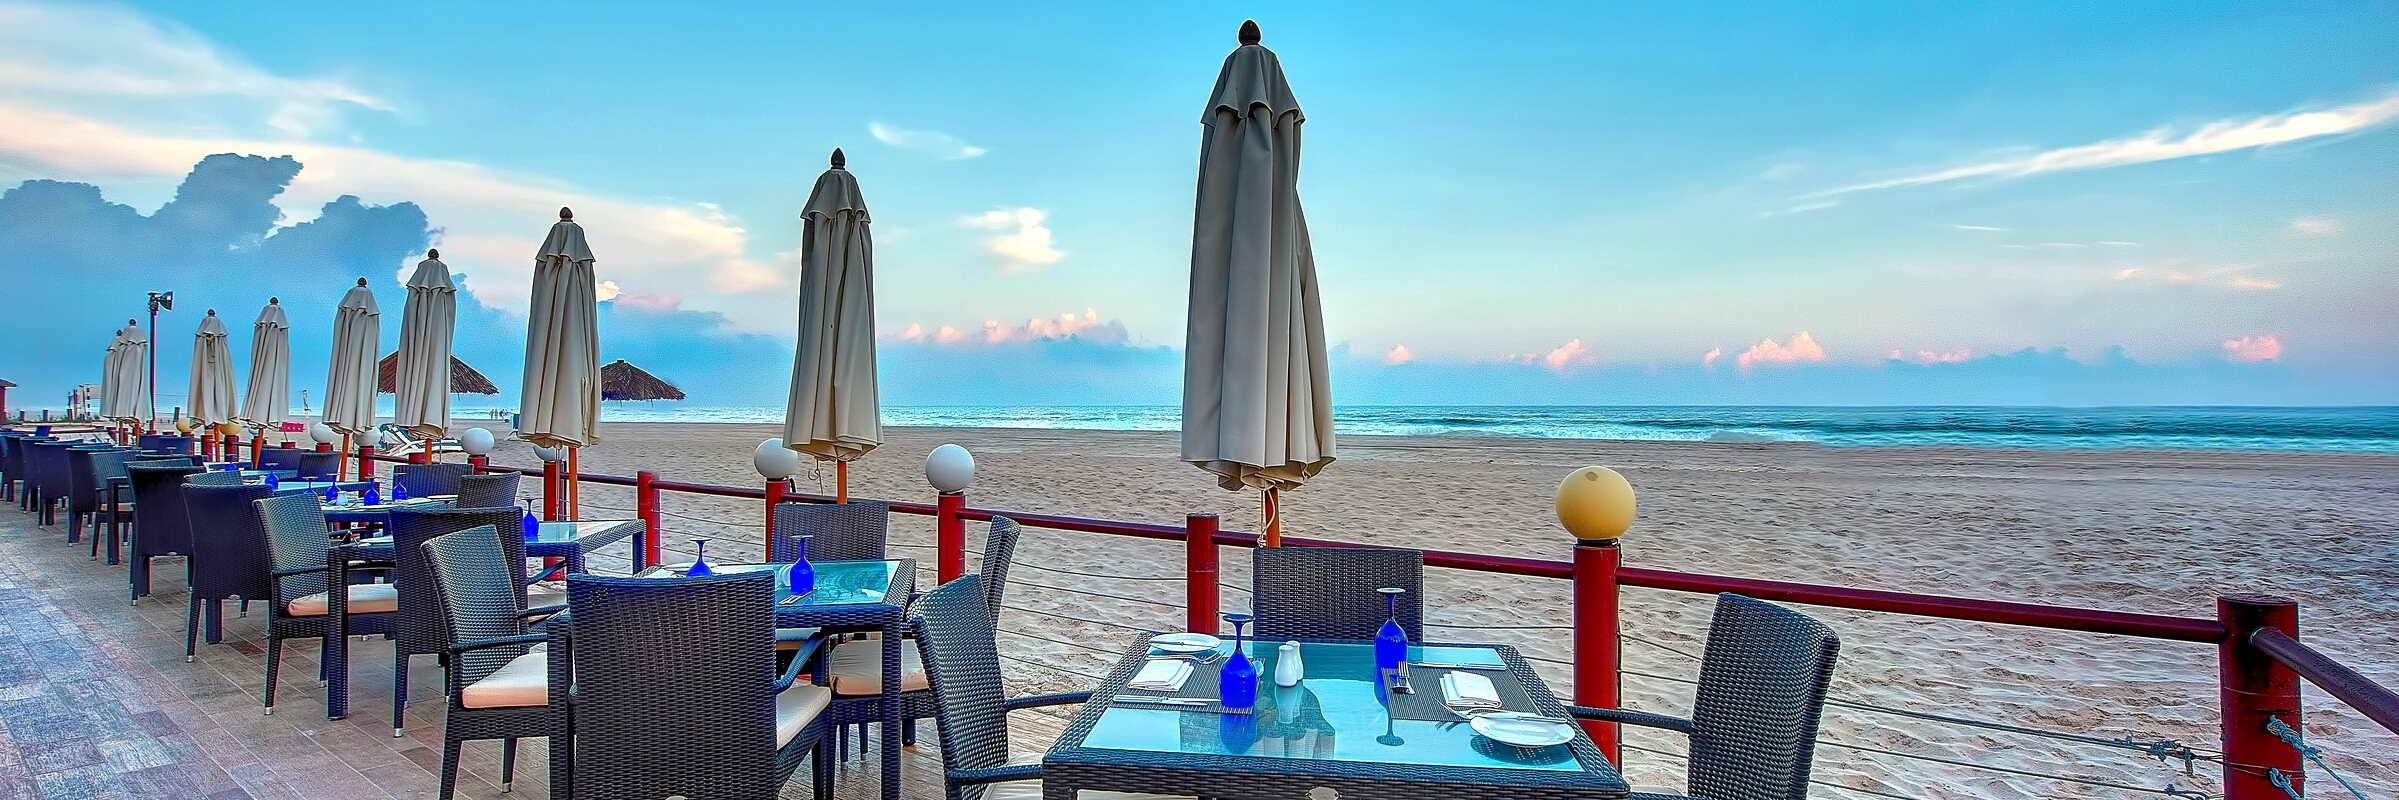 Das Restaurant direkt am Strand im Crowne Plaza Resort mit fantastischem Meerblick